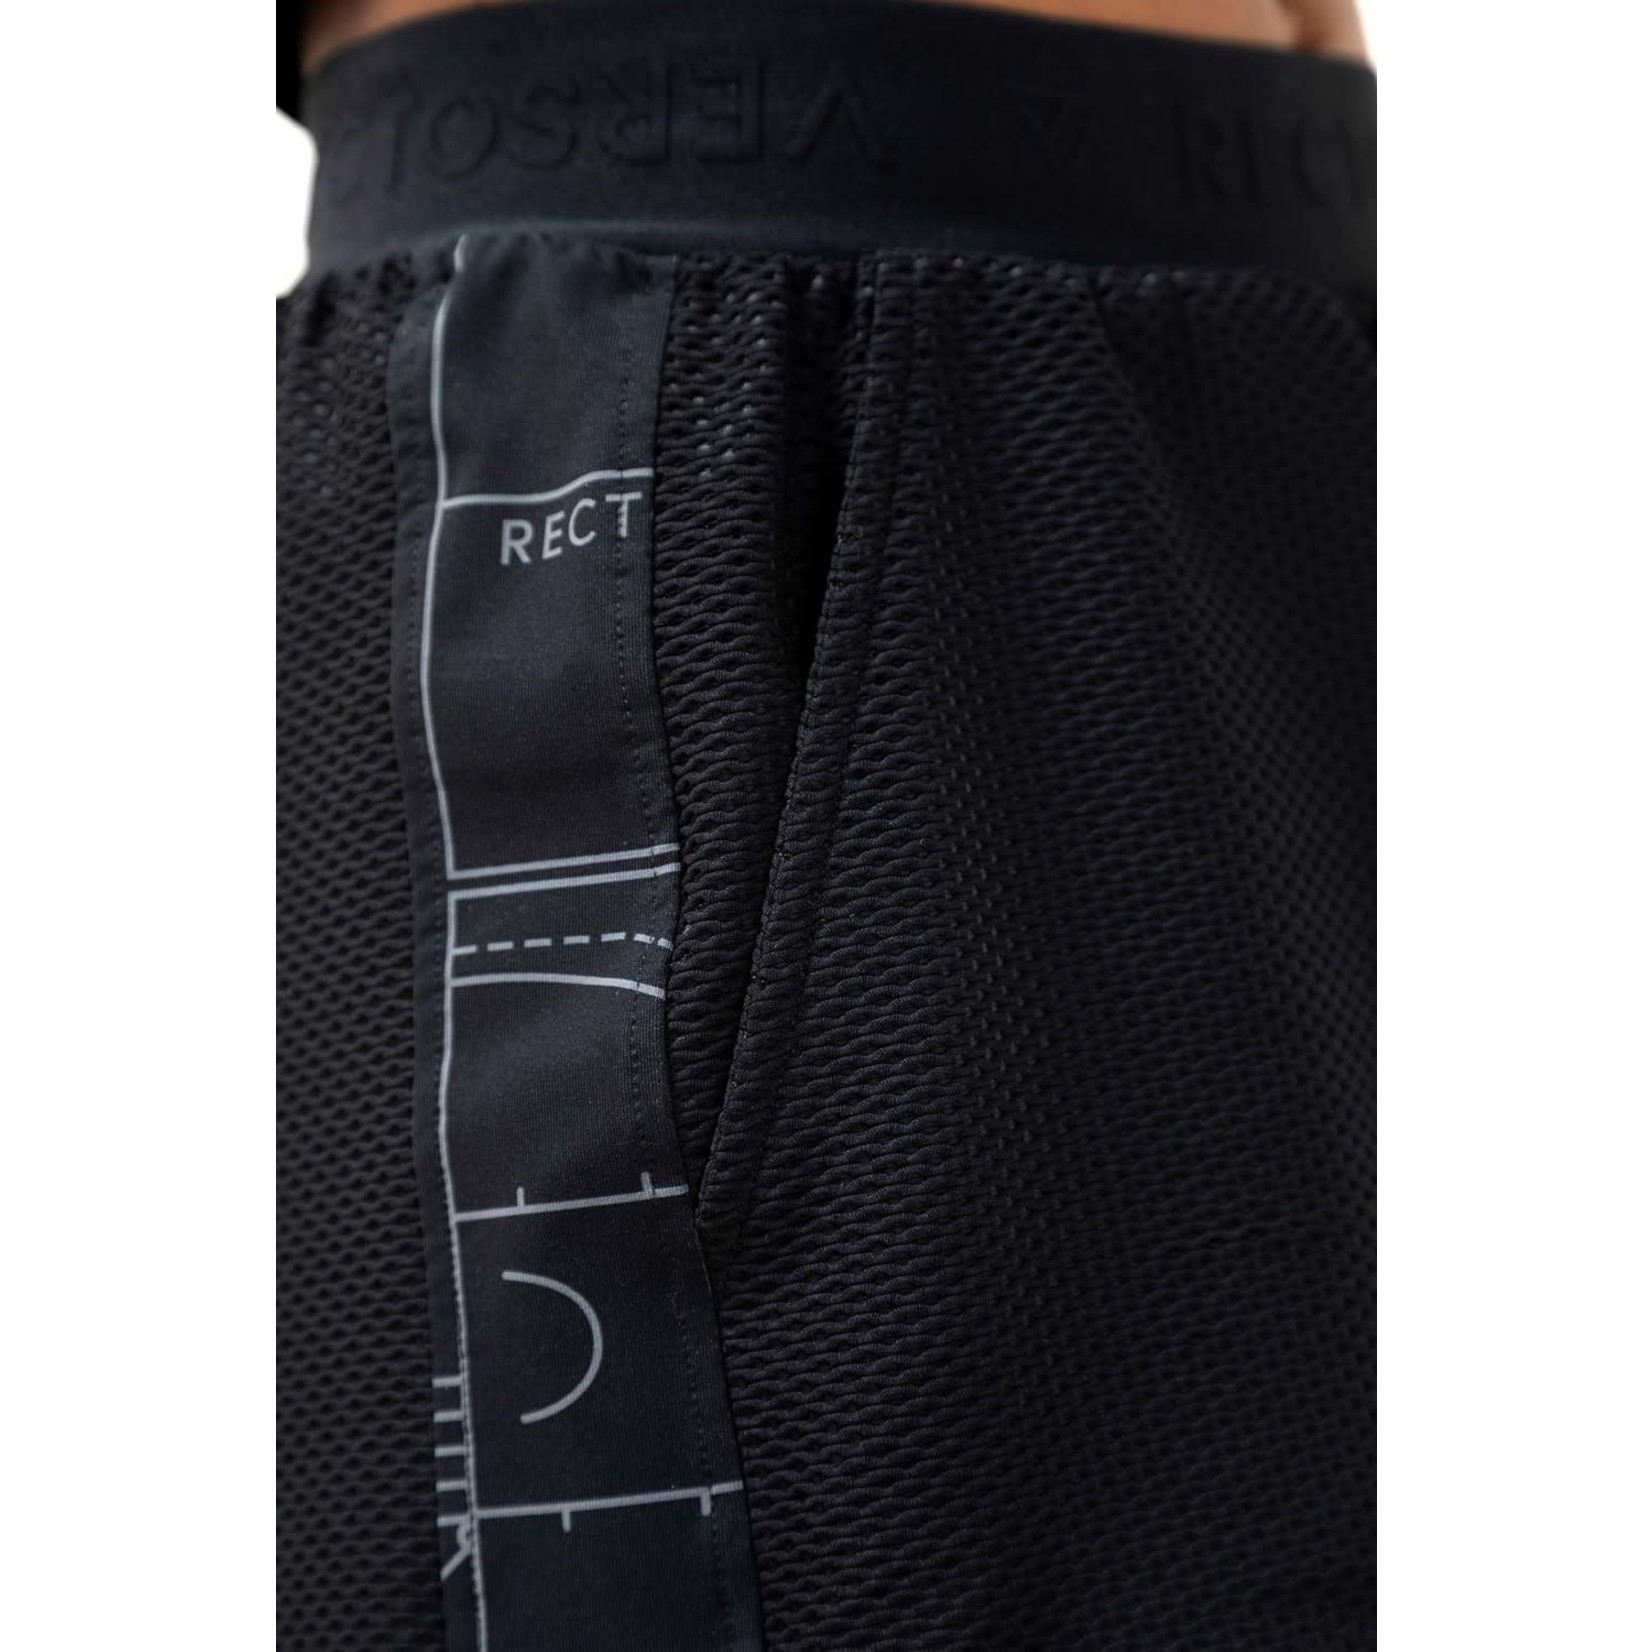 Recto Verso Undercover Shorts